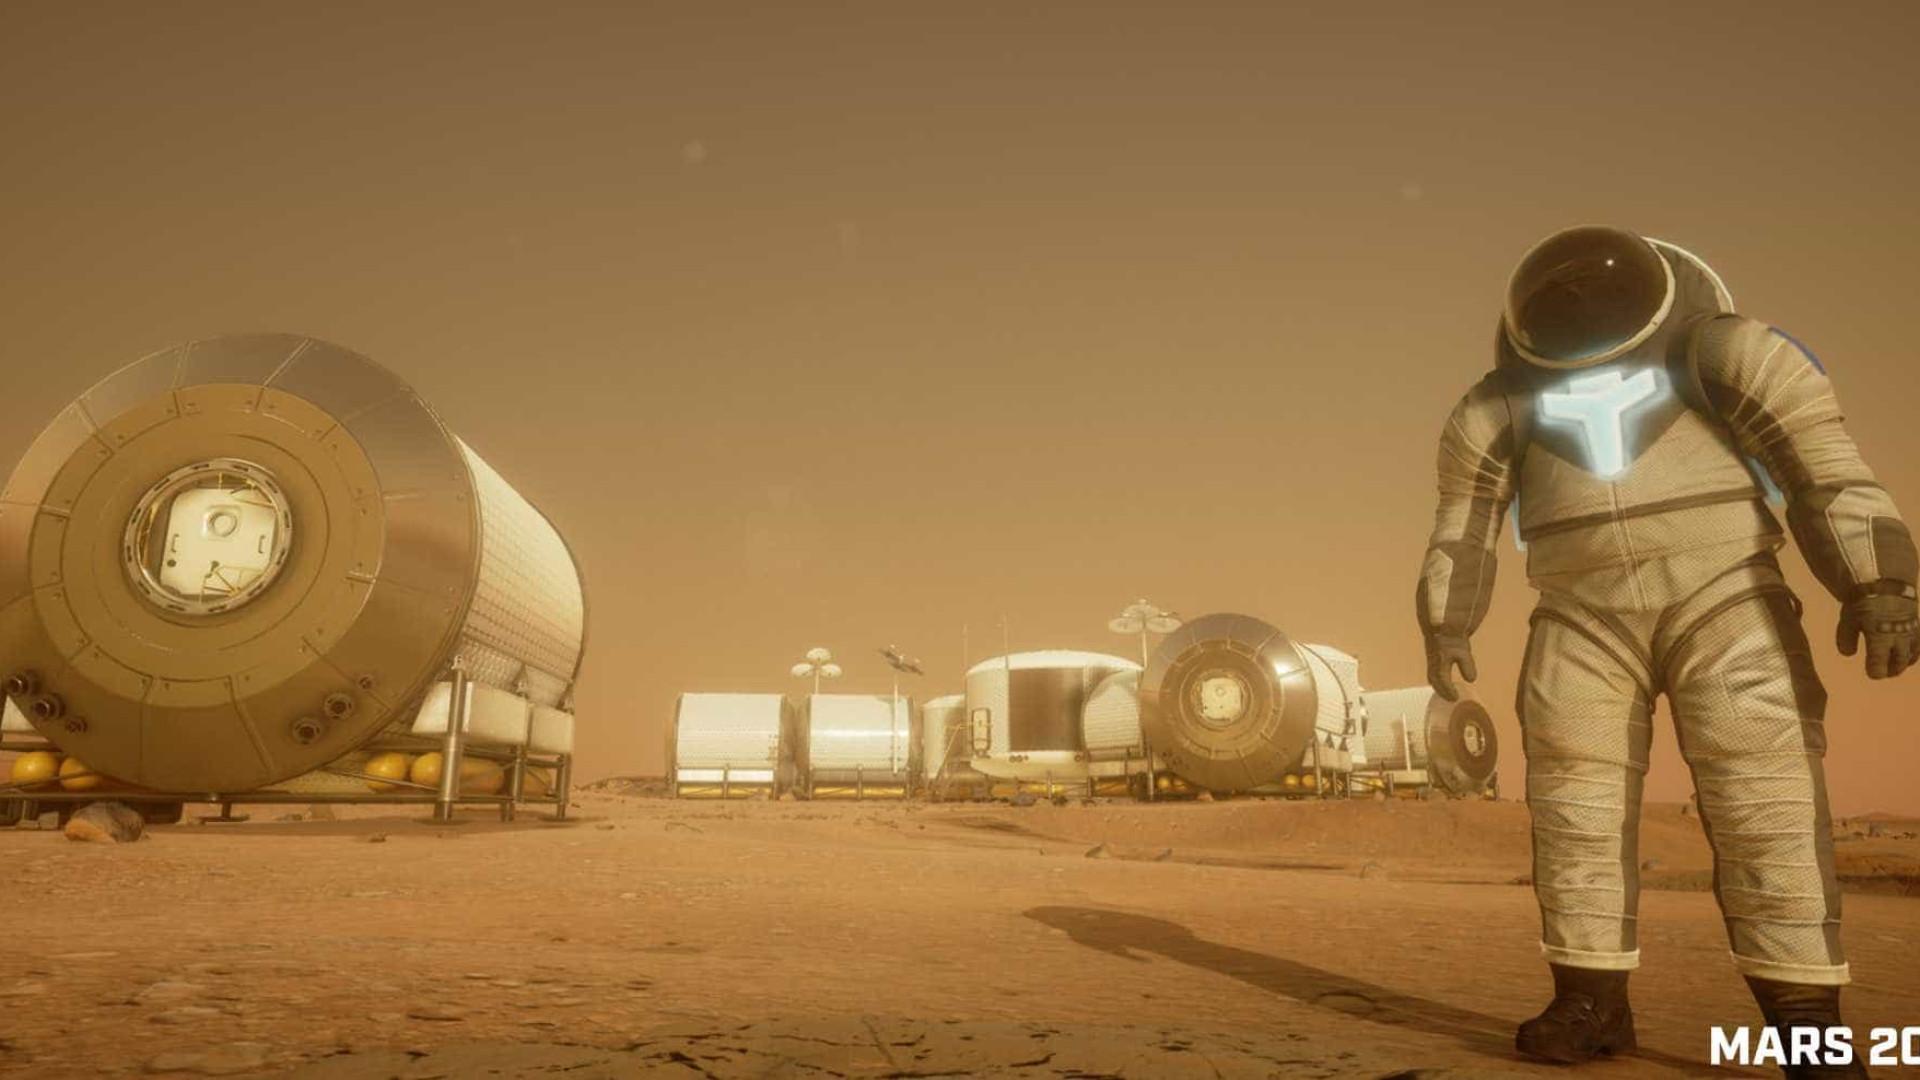 naom 598078b0f2aef - Cientistas encontram locais para colonização humana na lua e em Marte